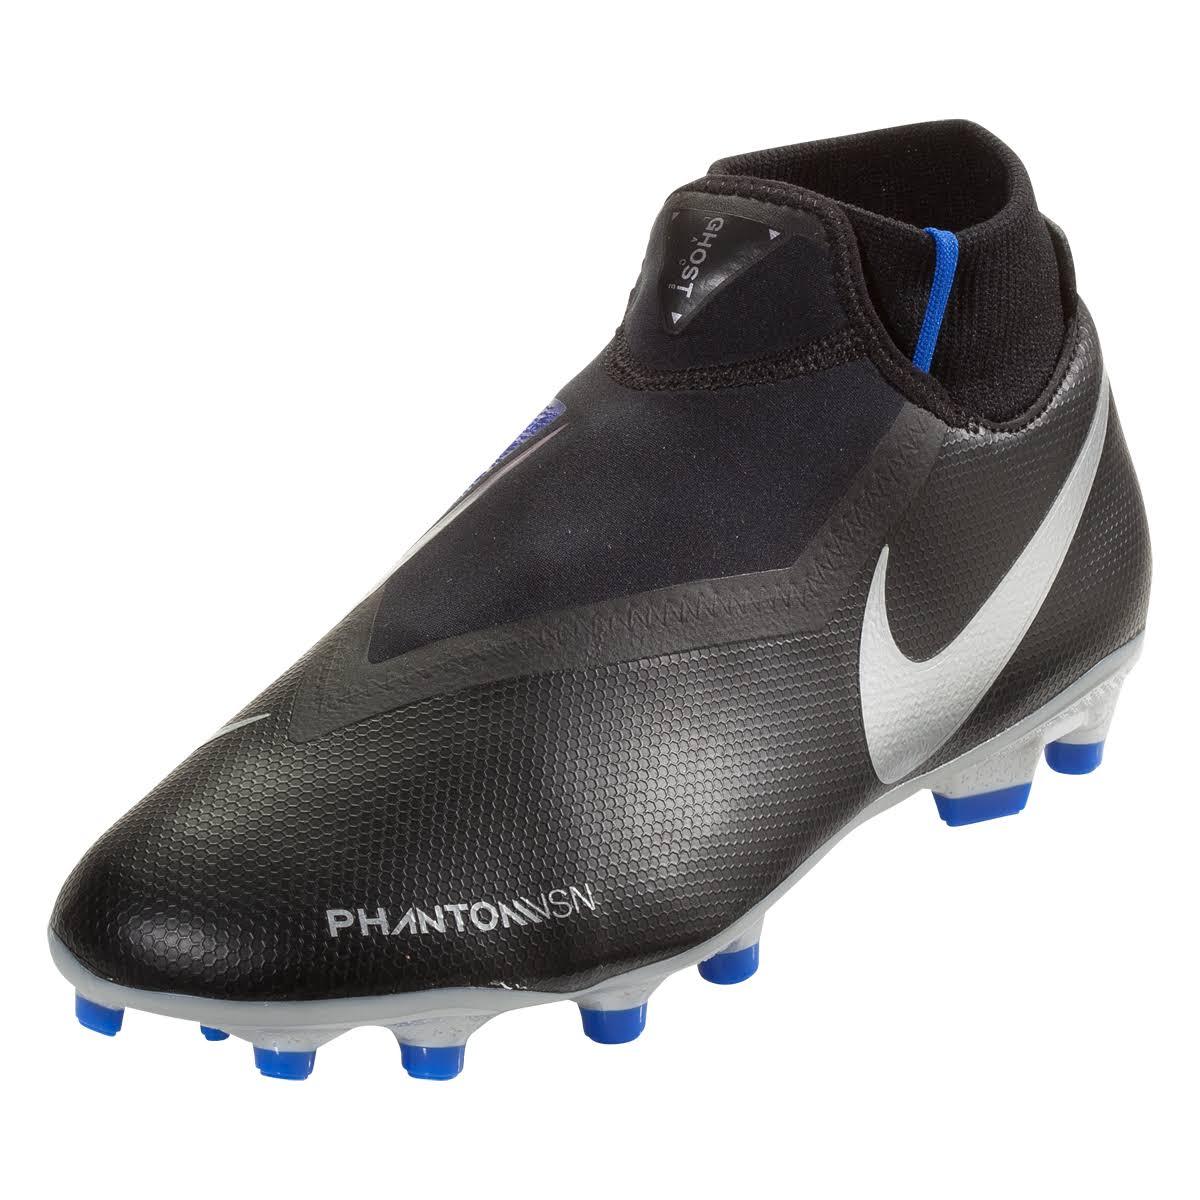 Fútbol Ao3258004 Hombre Vision Nike Mg Para De Tacos Phantom Df Academy 0wvqR